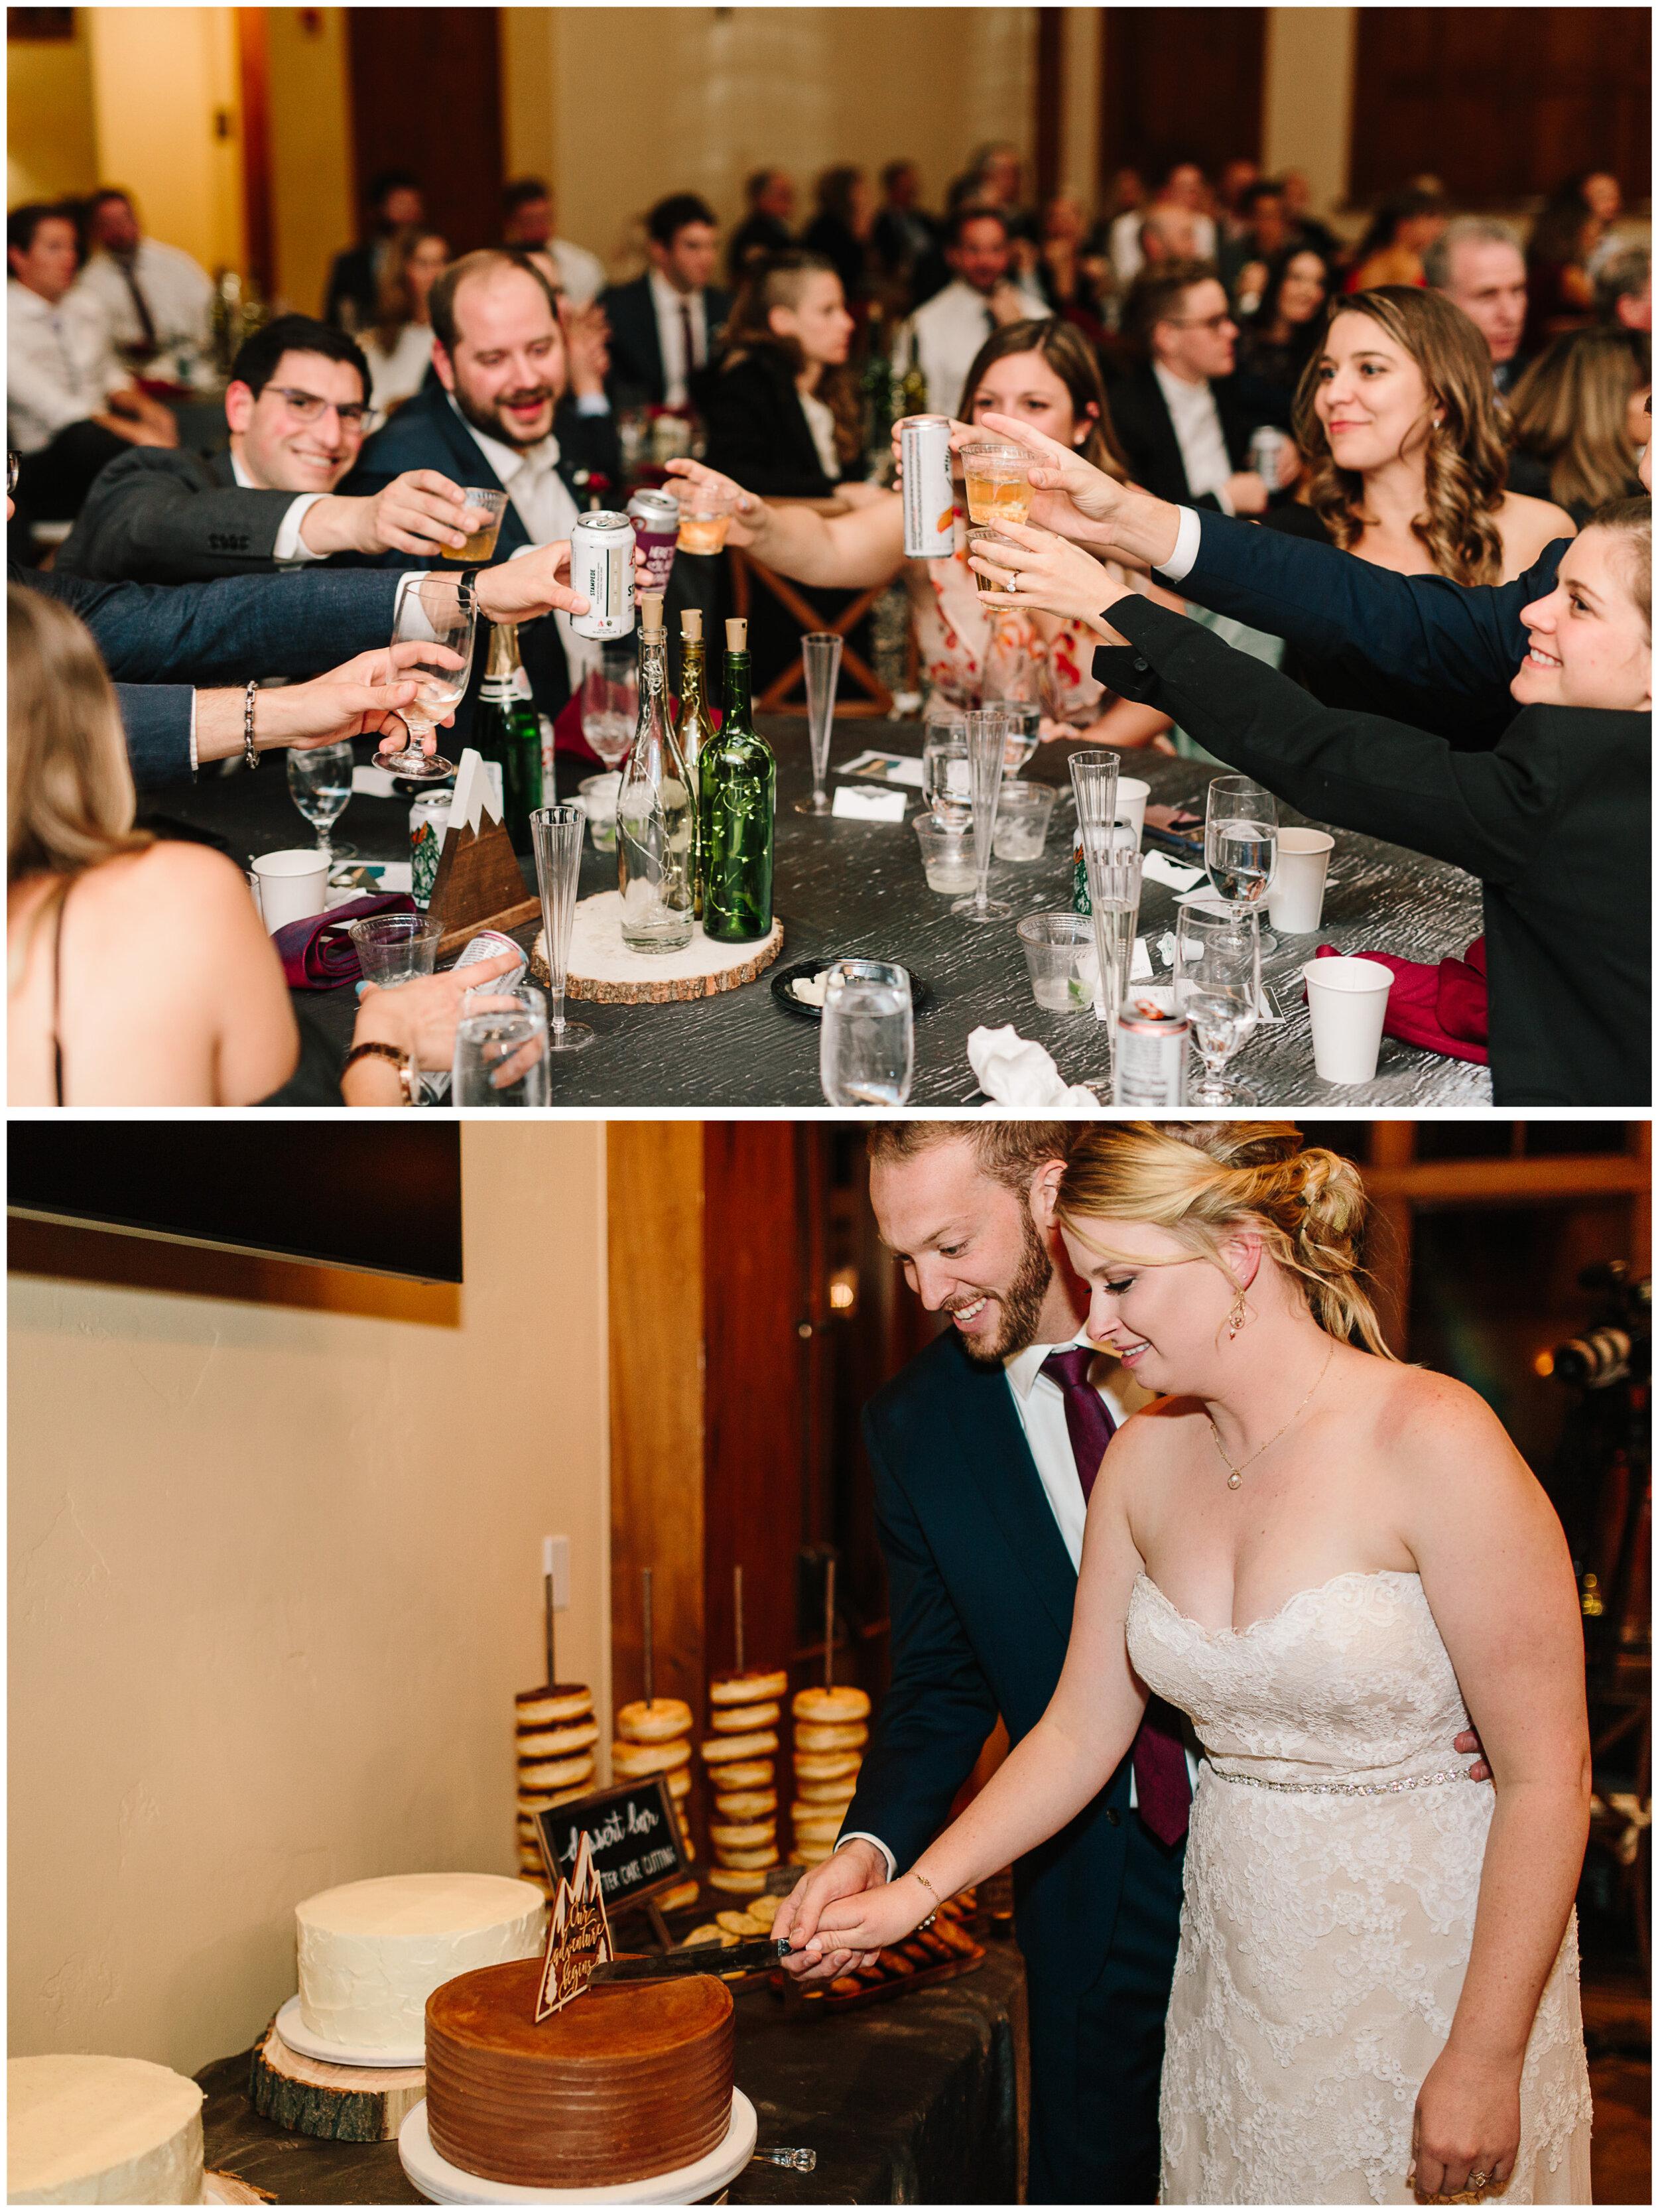 vail_wedding_104.jpg